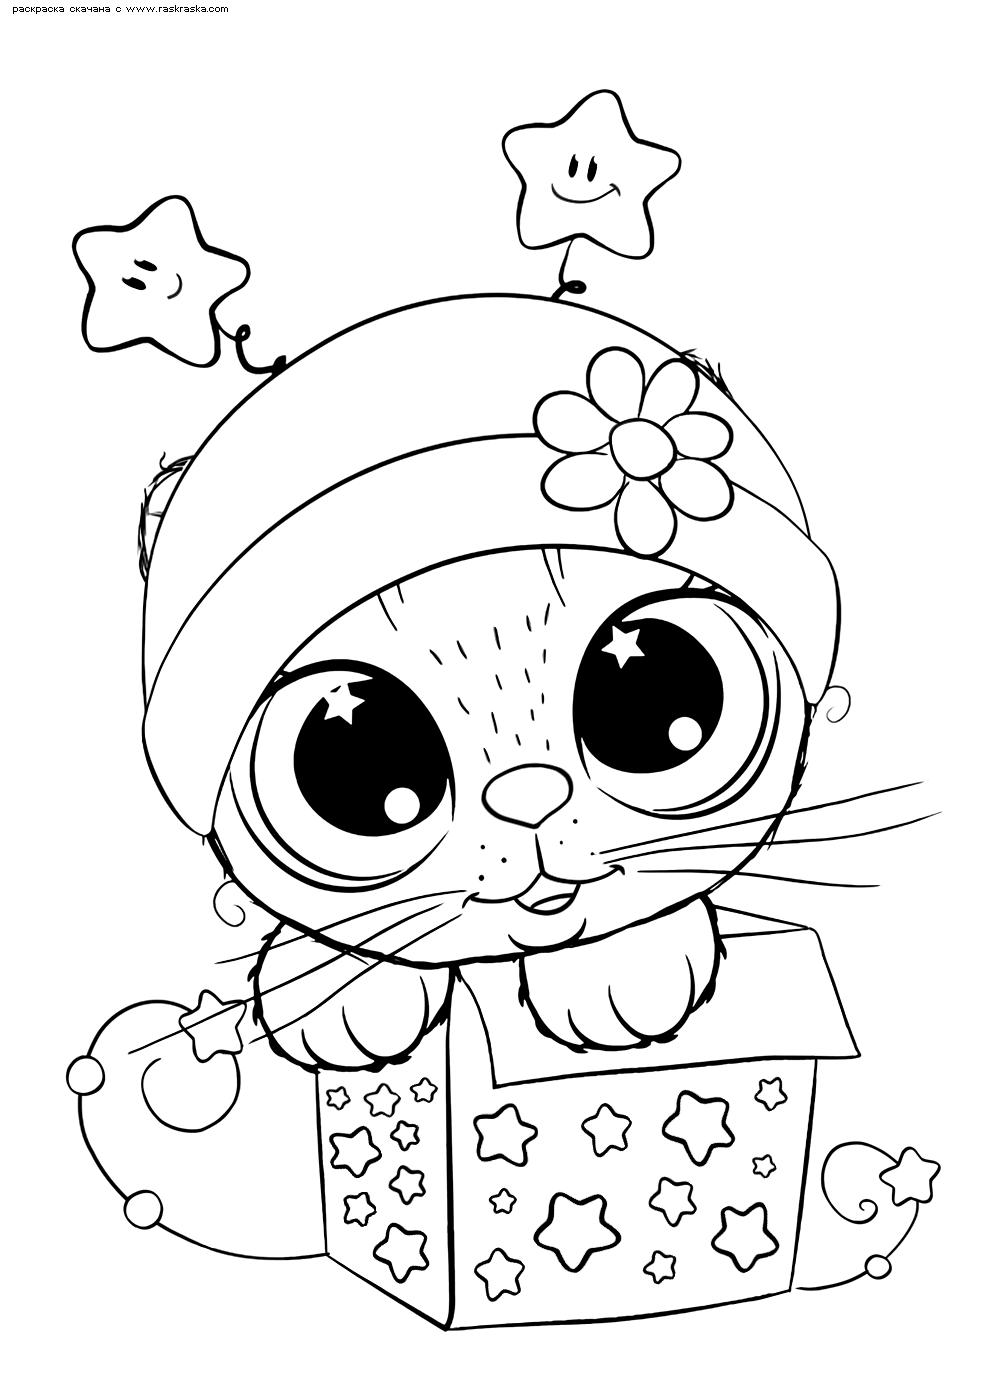 Раскраска Котик в коробке | Раскраски няшных животных ...